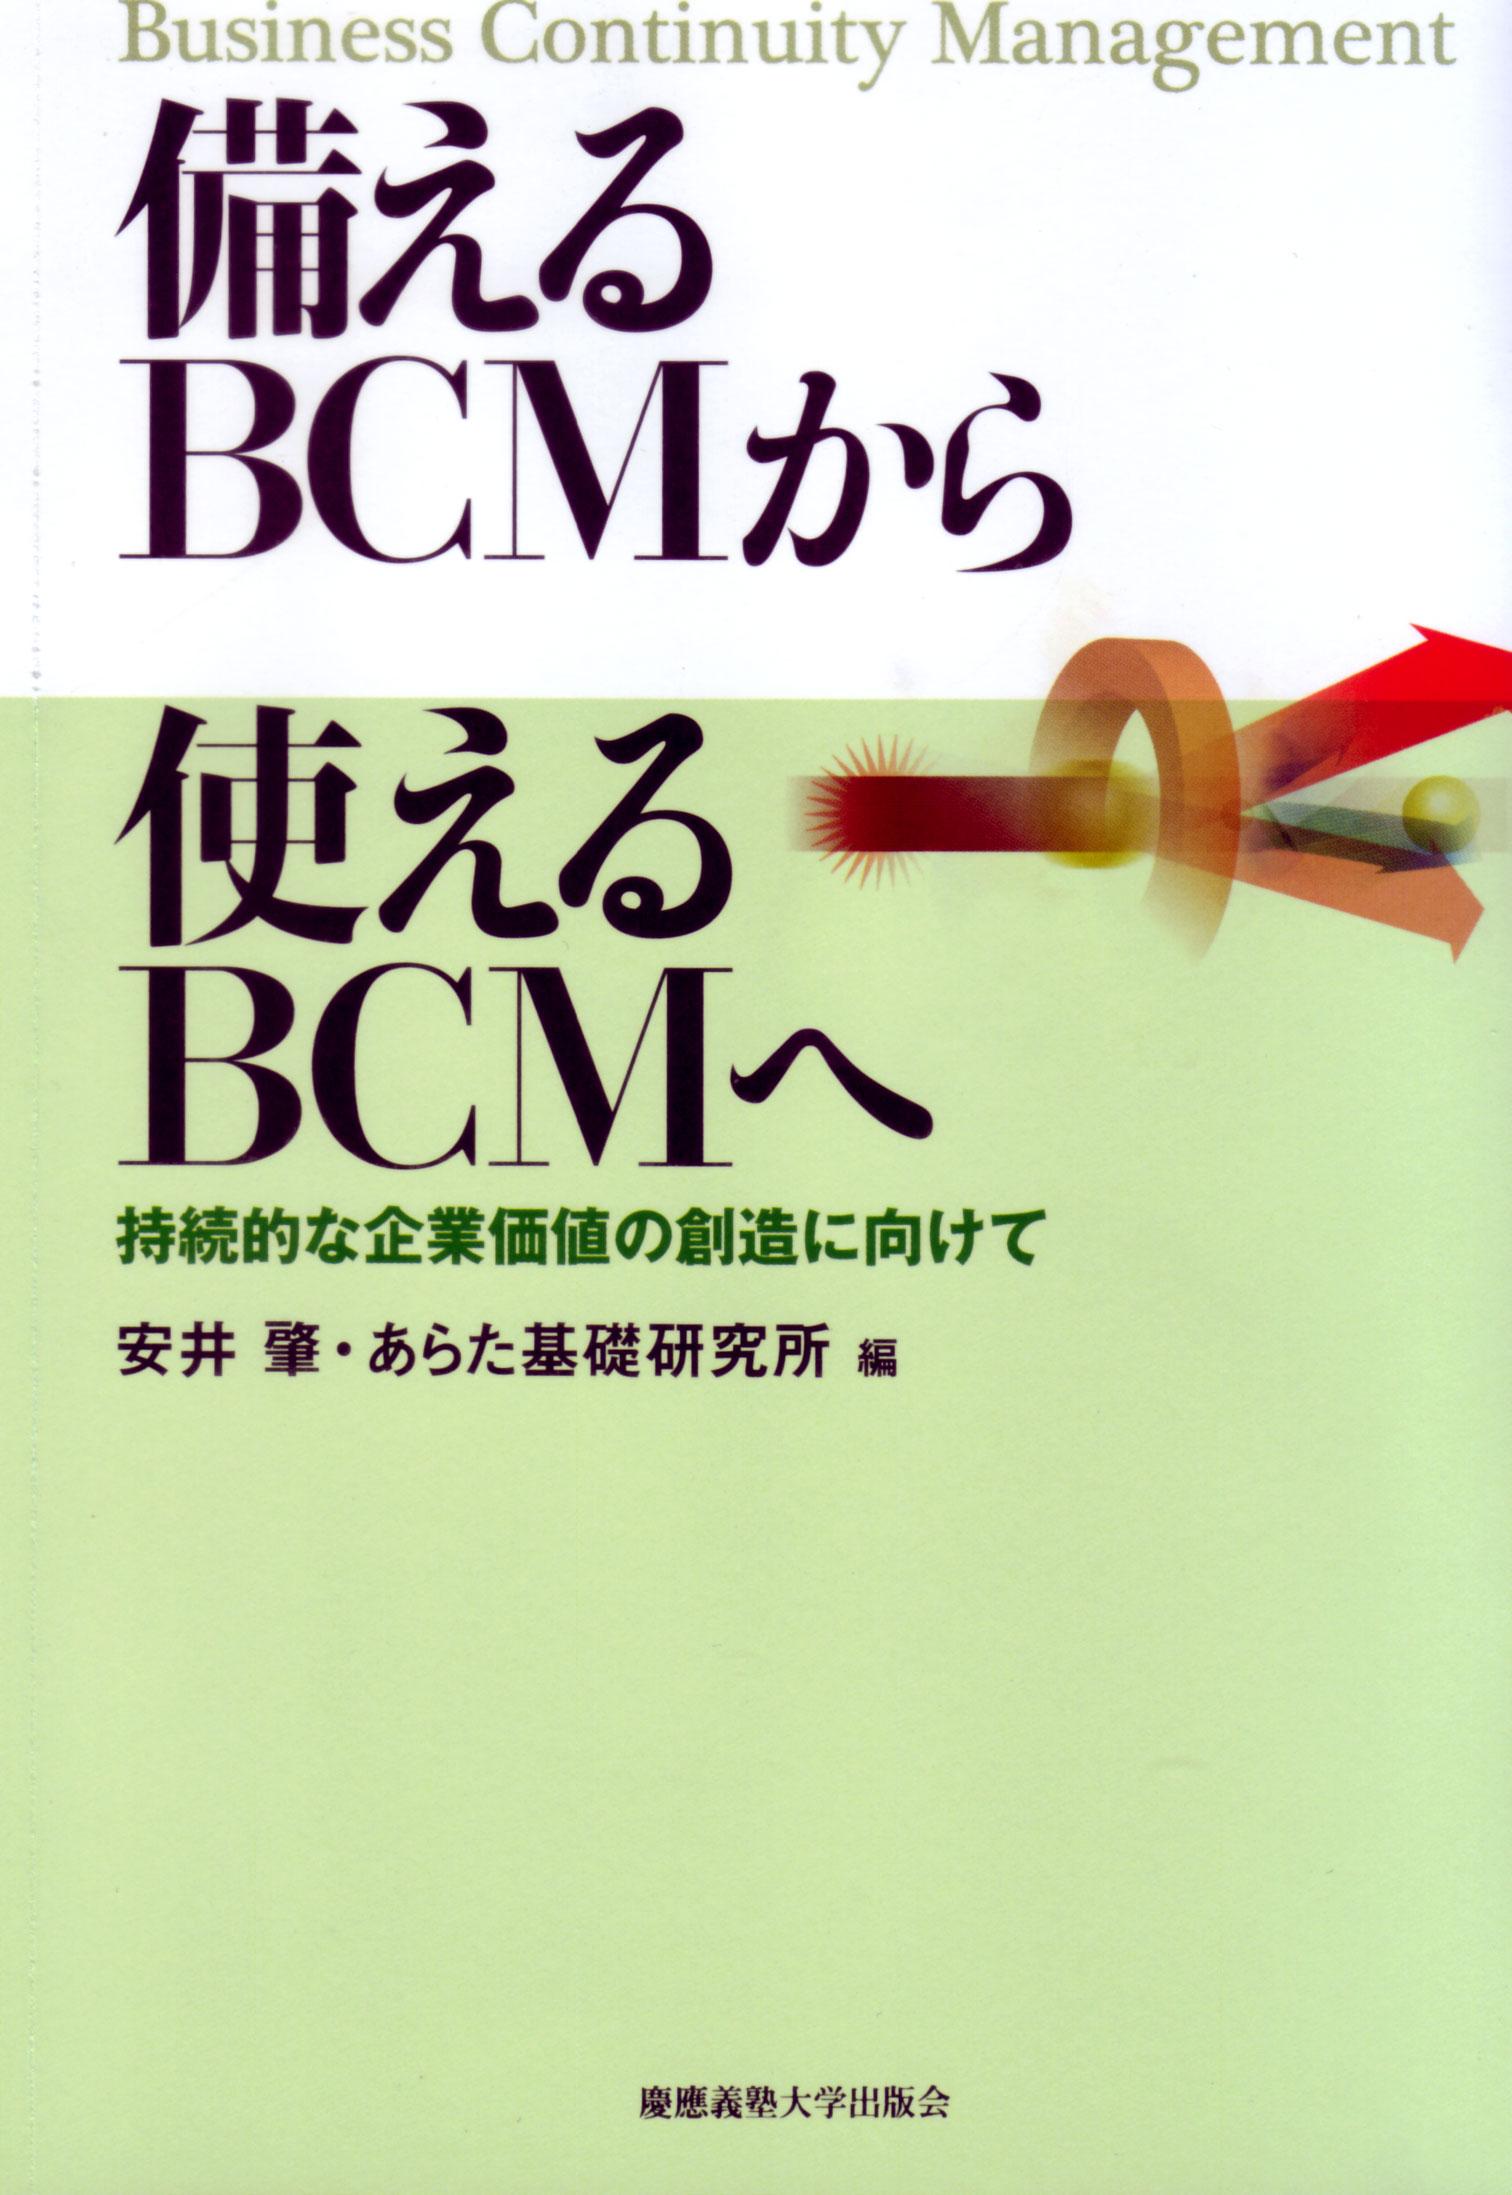 備えるBCMから使えるBCMへ 安井 肇 編 あらた基礎研究所 編